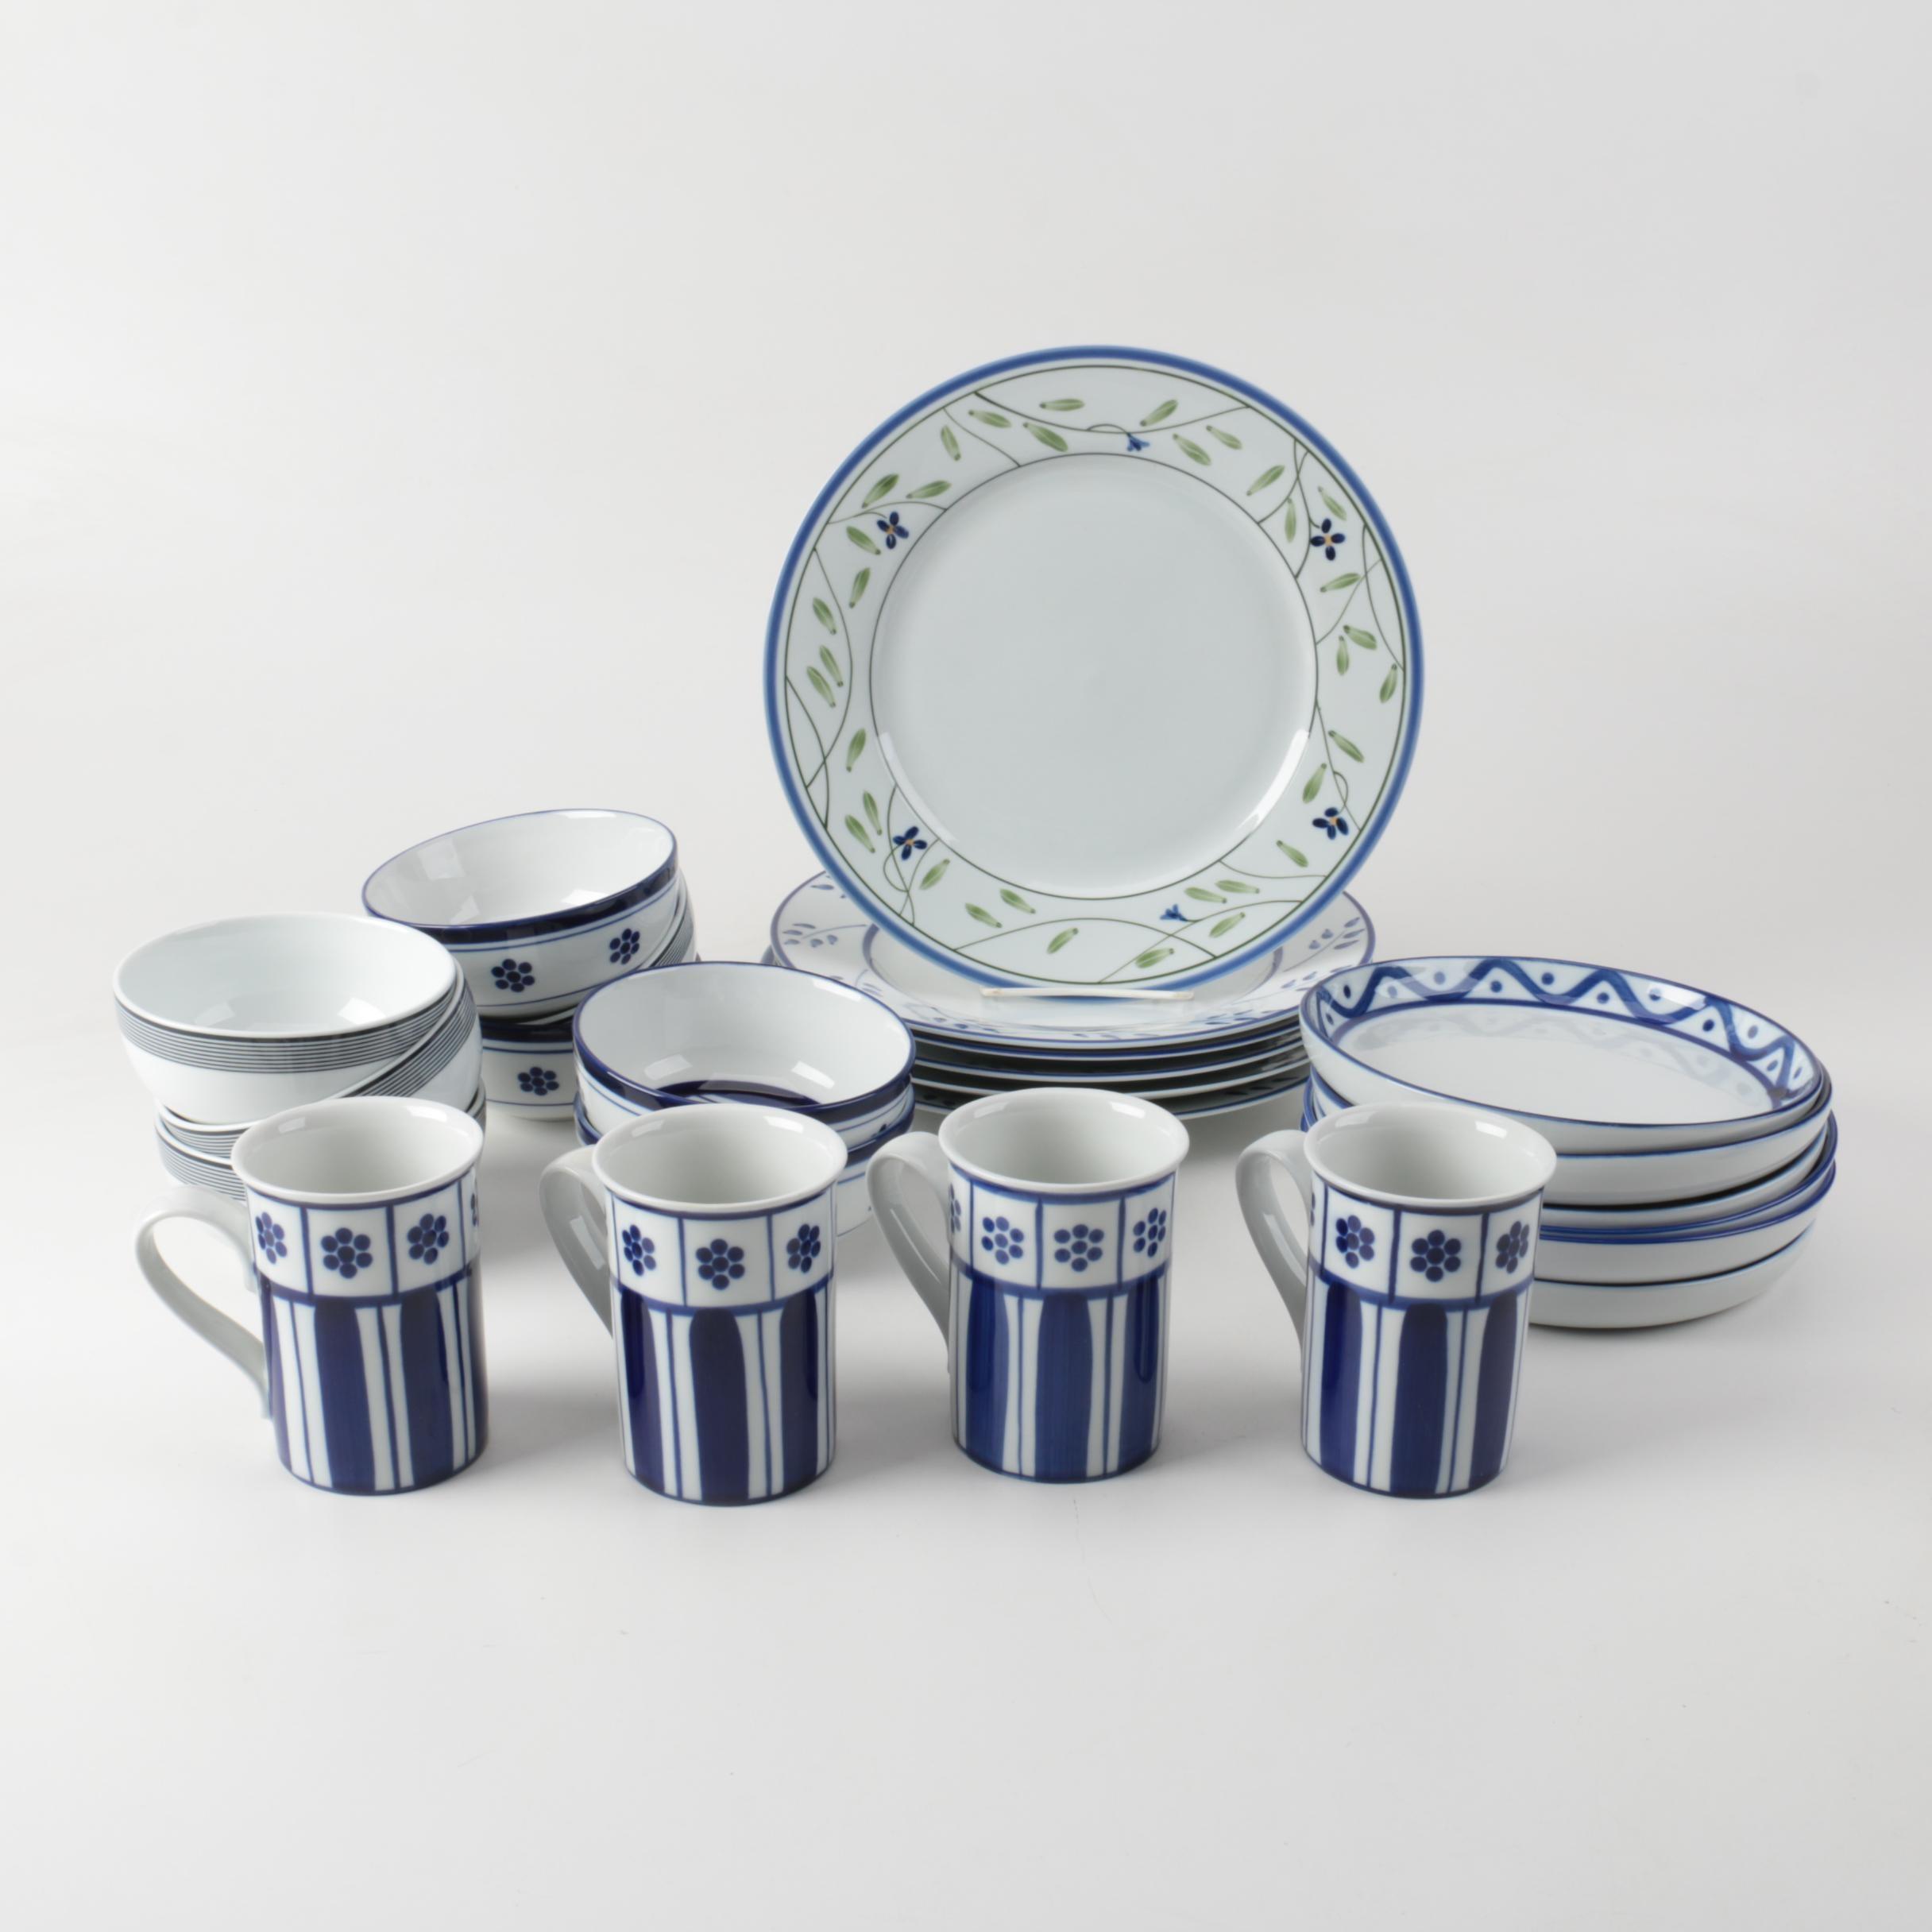 Dansk Porcelain Tableware ... & Dansk Porcelain Tableware : EBTH